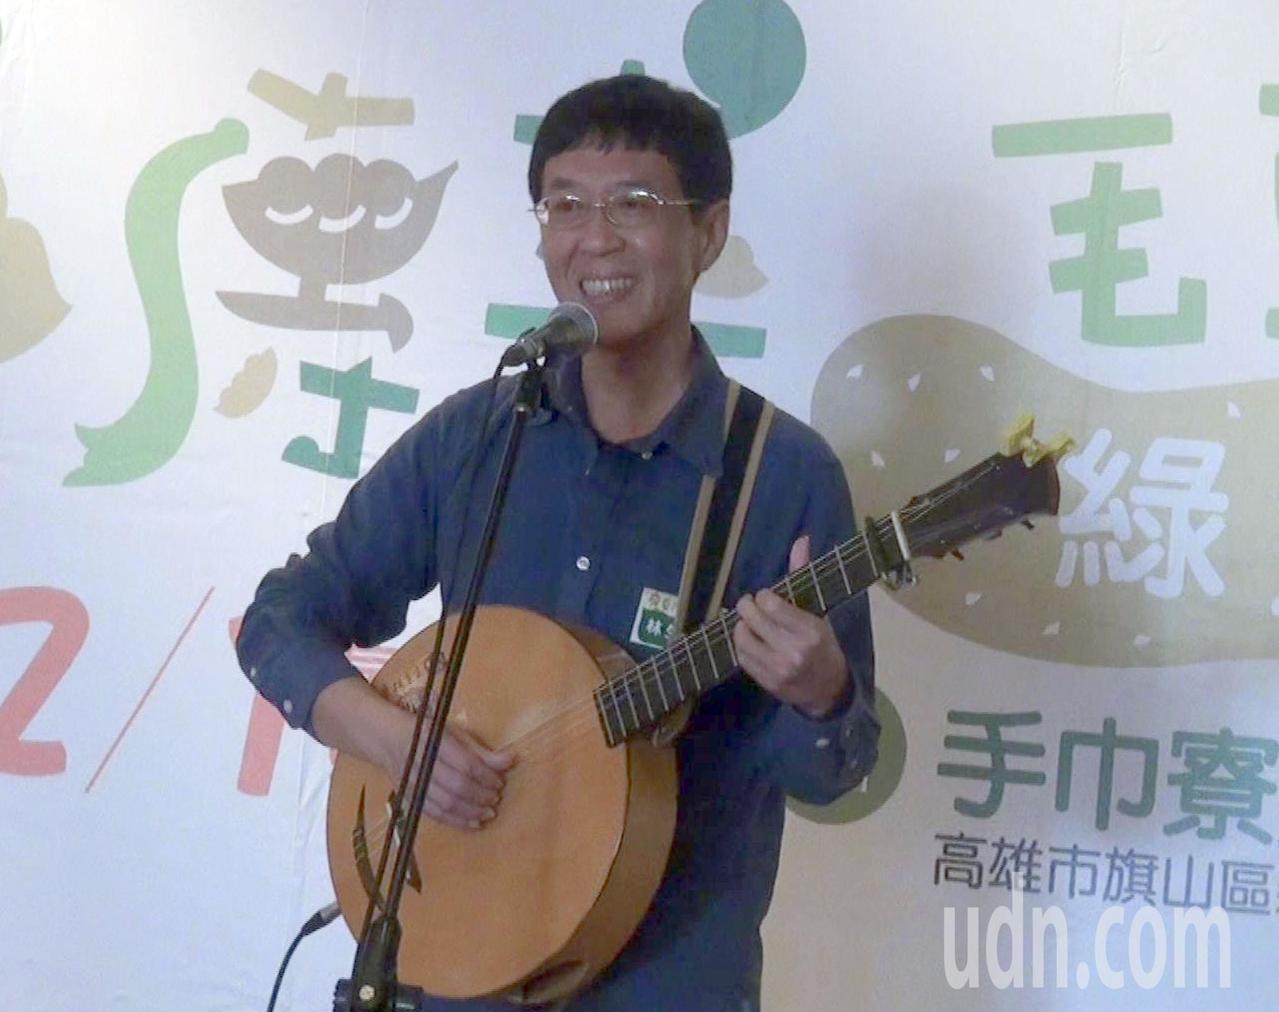 2018毛豆文化祭今年邀請林生祥創作一曲「毛豆之歌」。記者王昭月/攝影